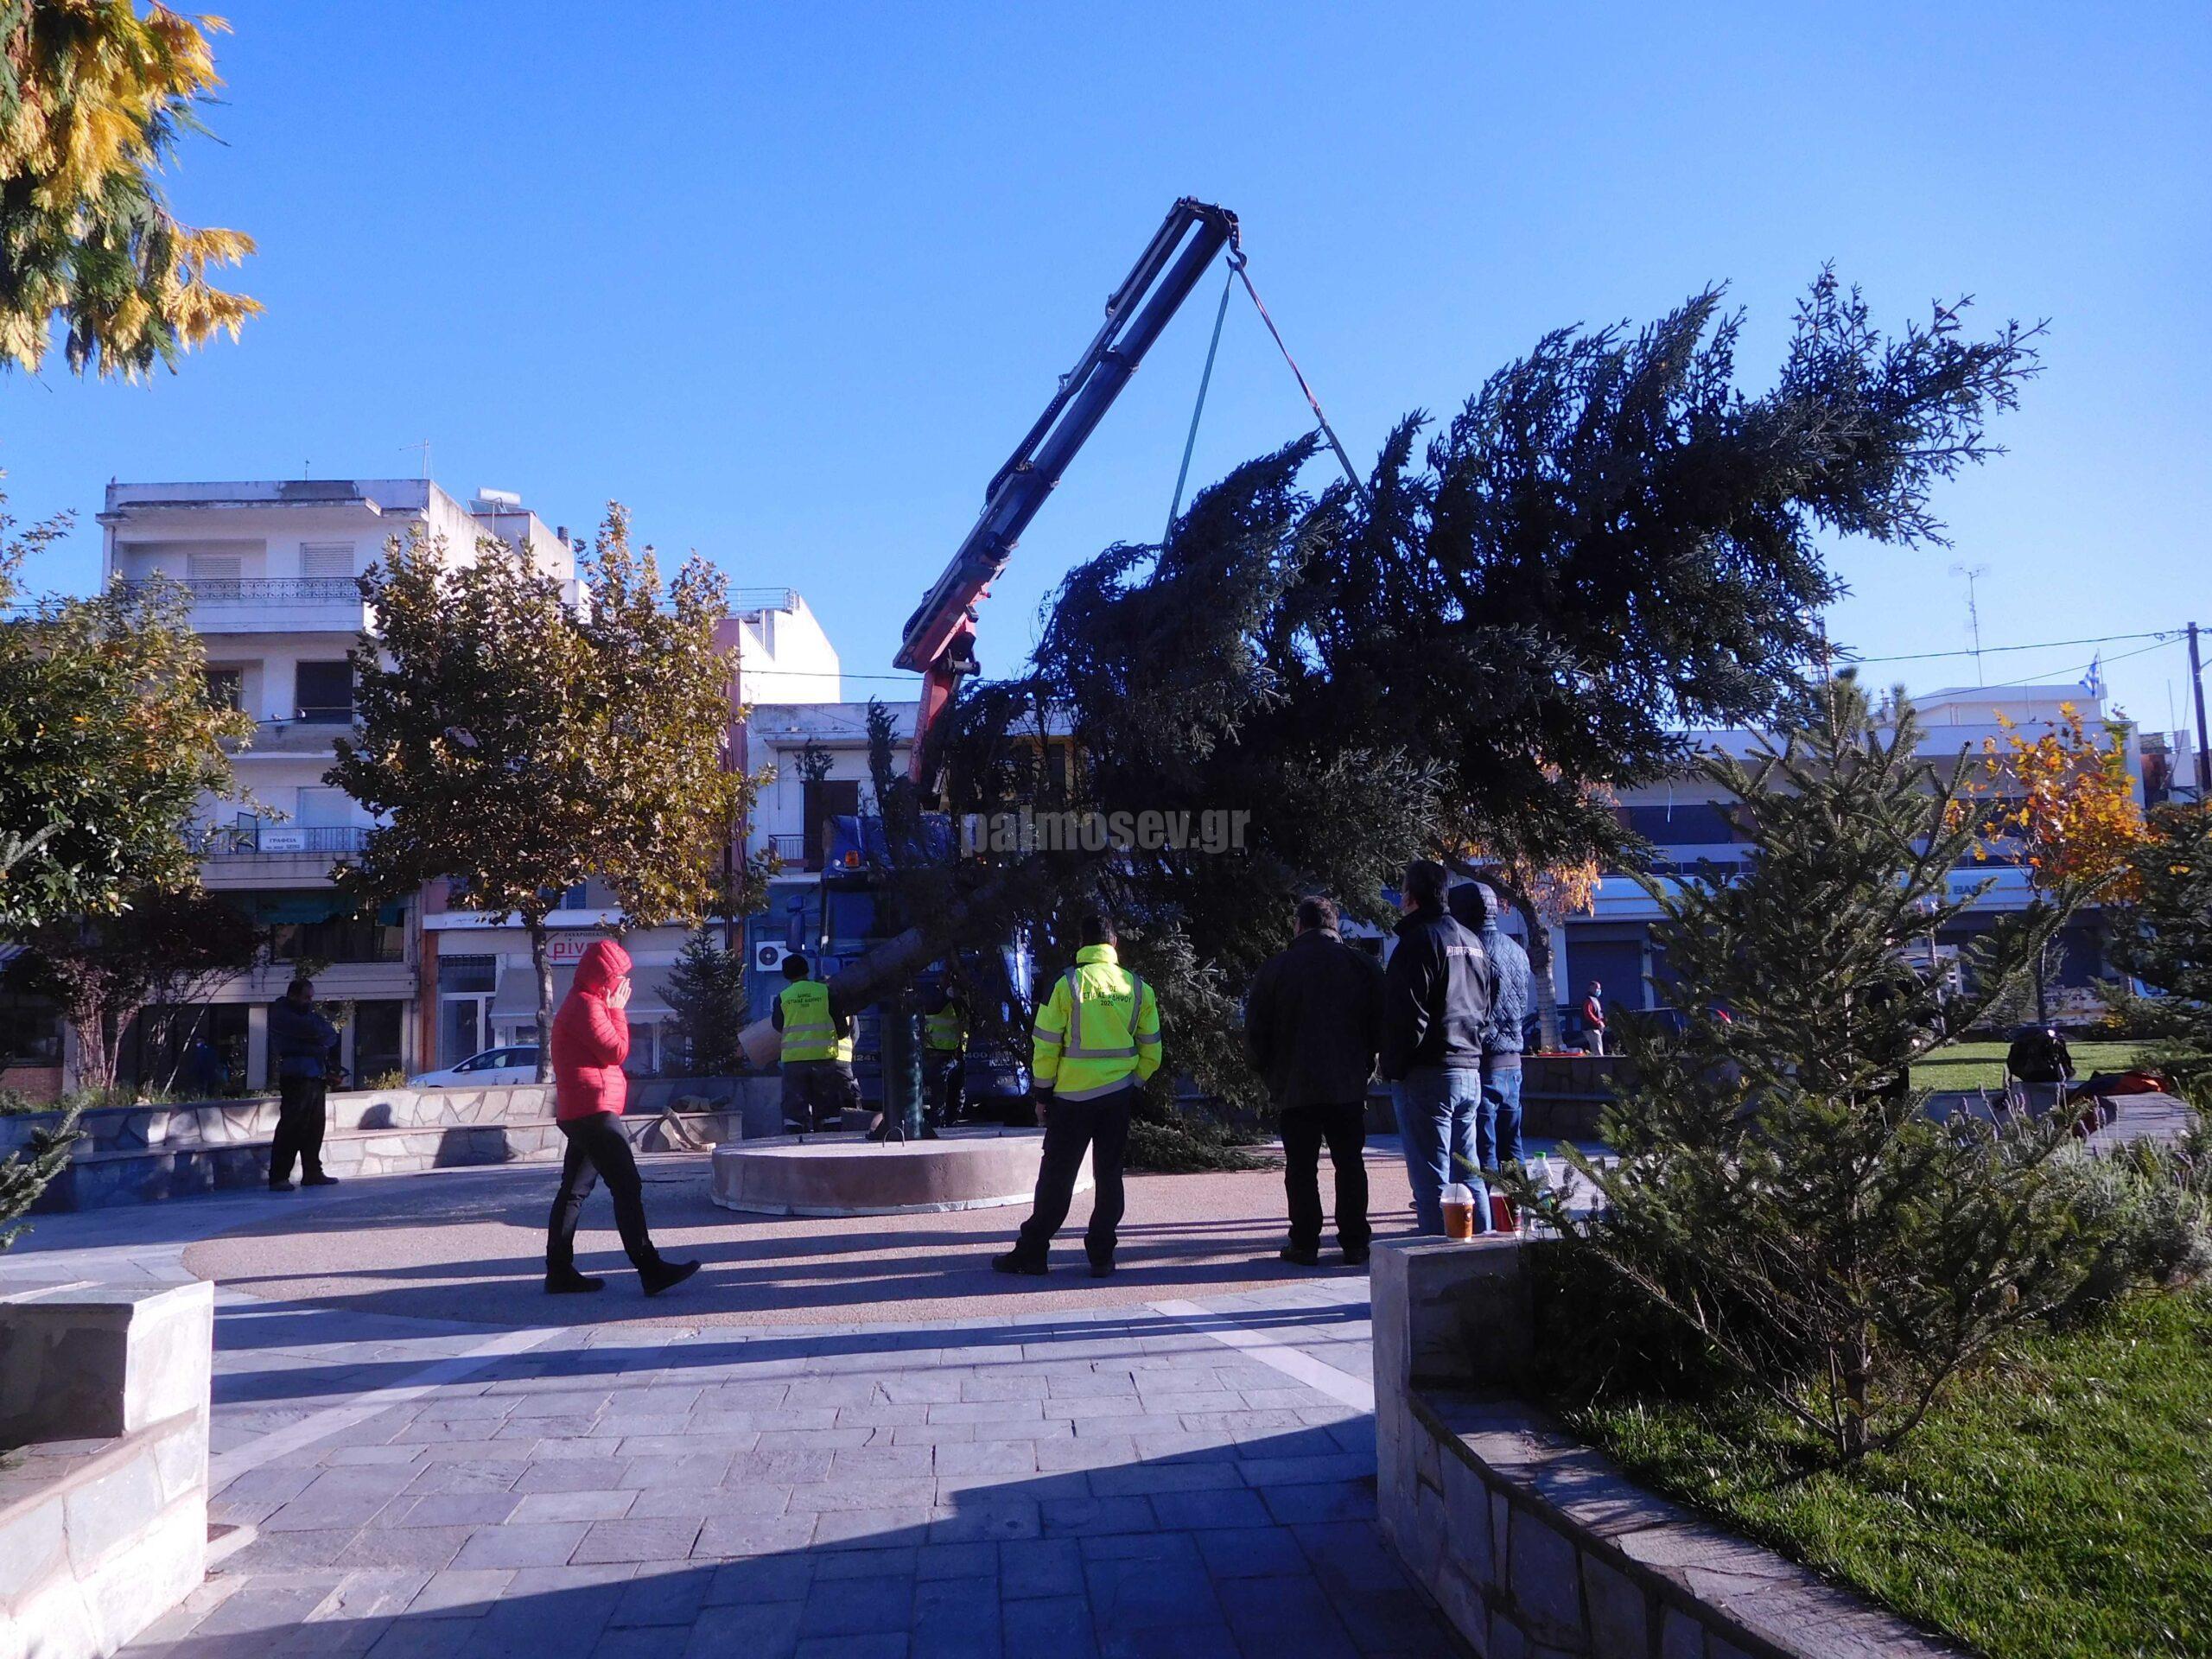 Το στήσιμο του Χριστουγεννιάτικου δέντρου στην πλατεία Ιστιαίας σε εποχές καραντίνας